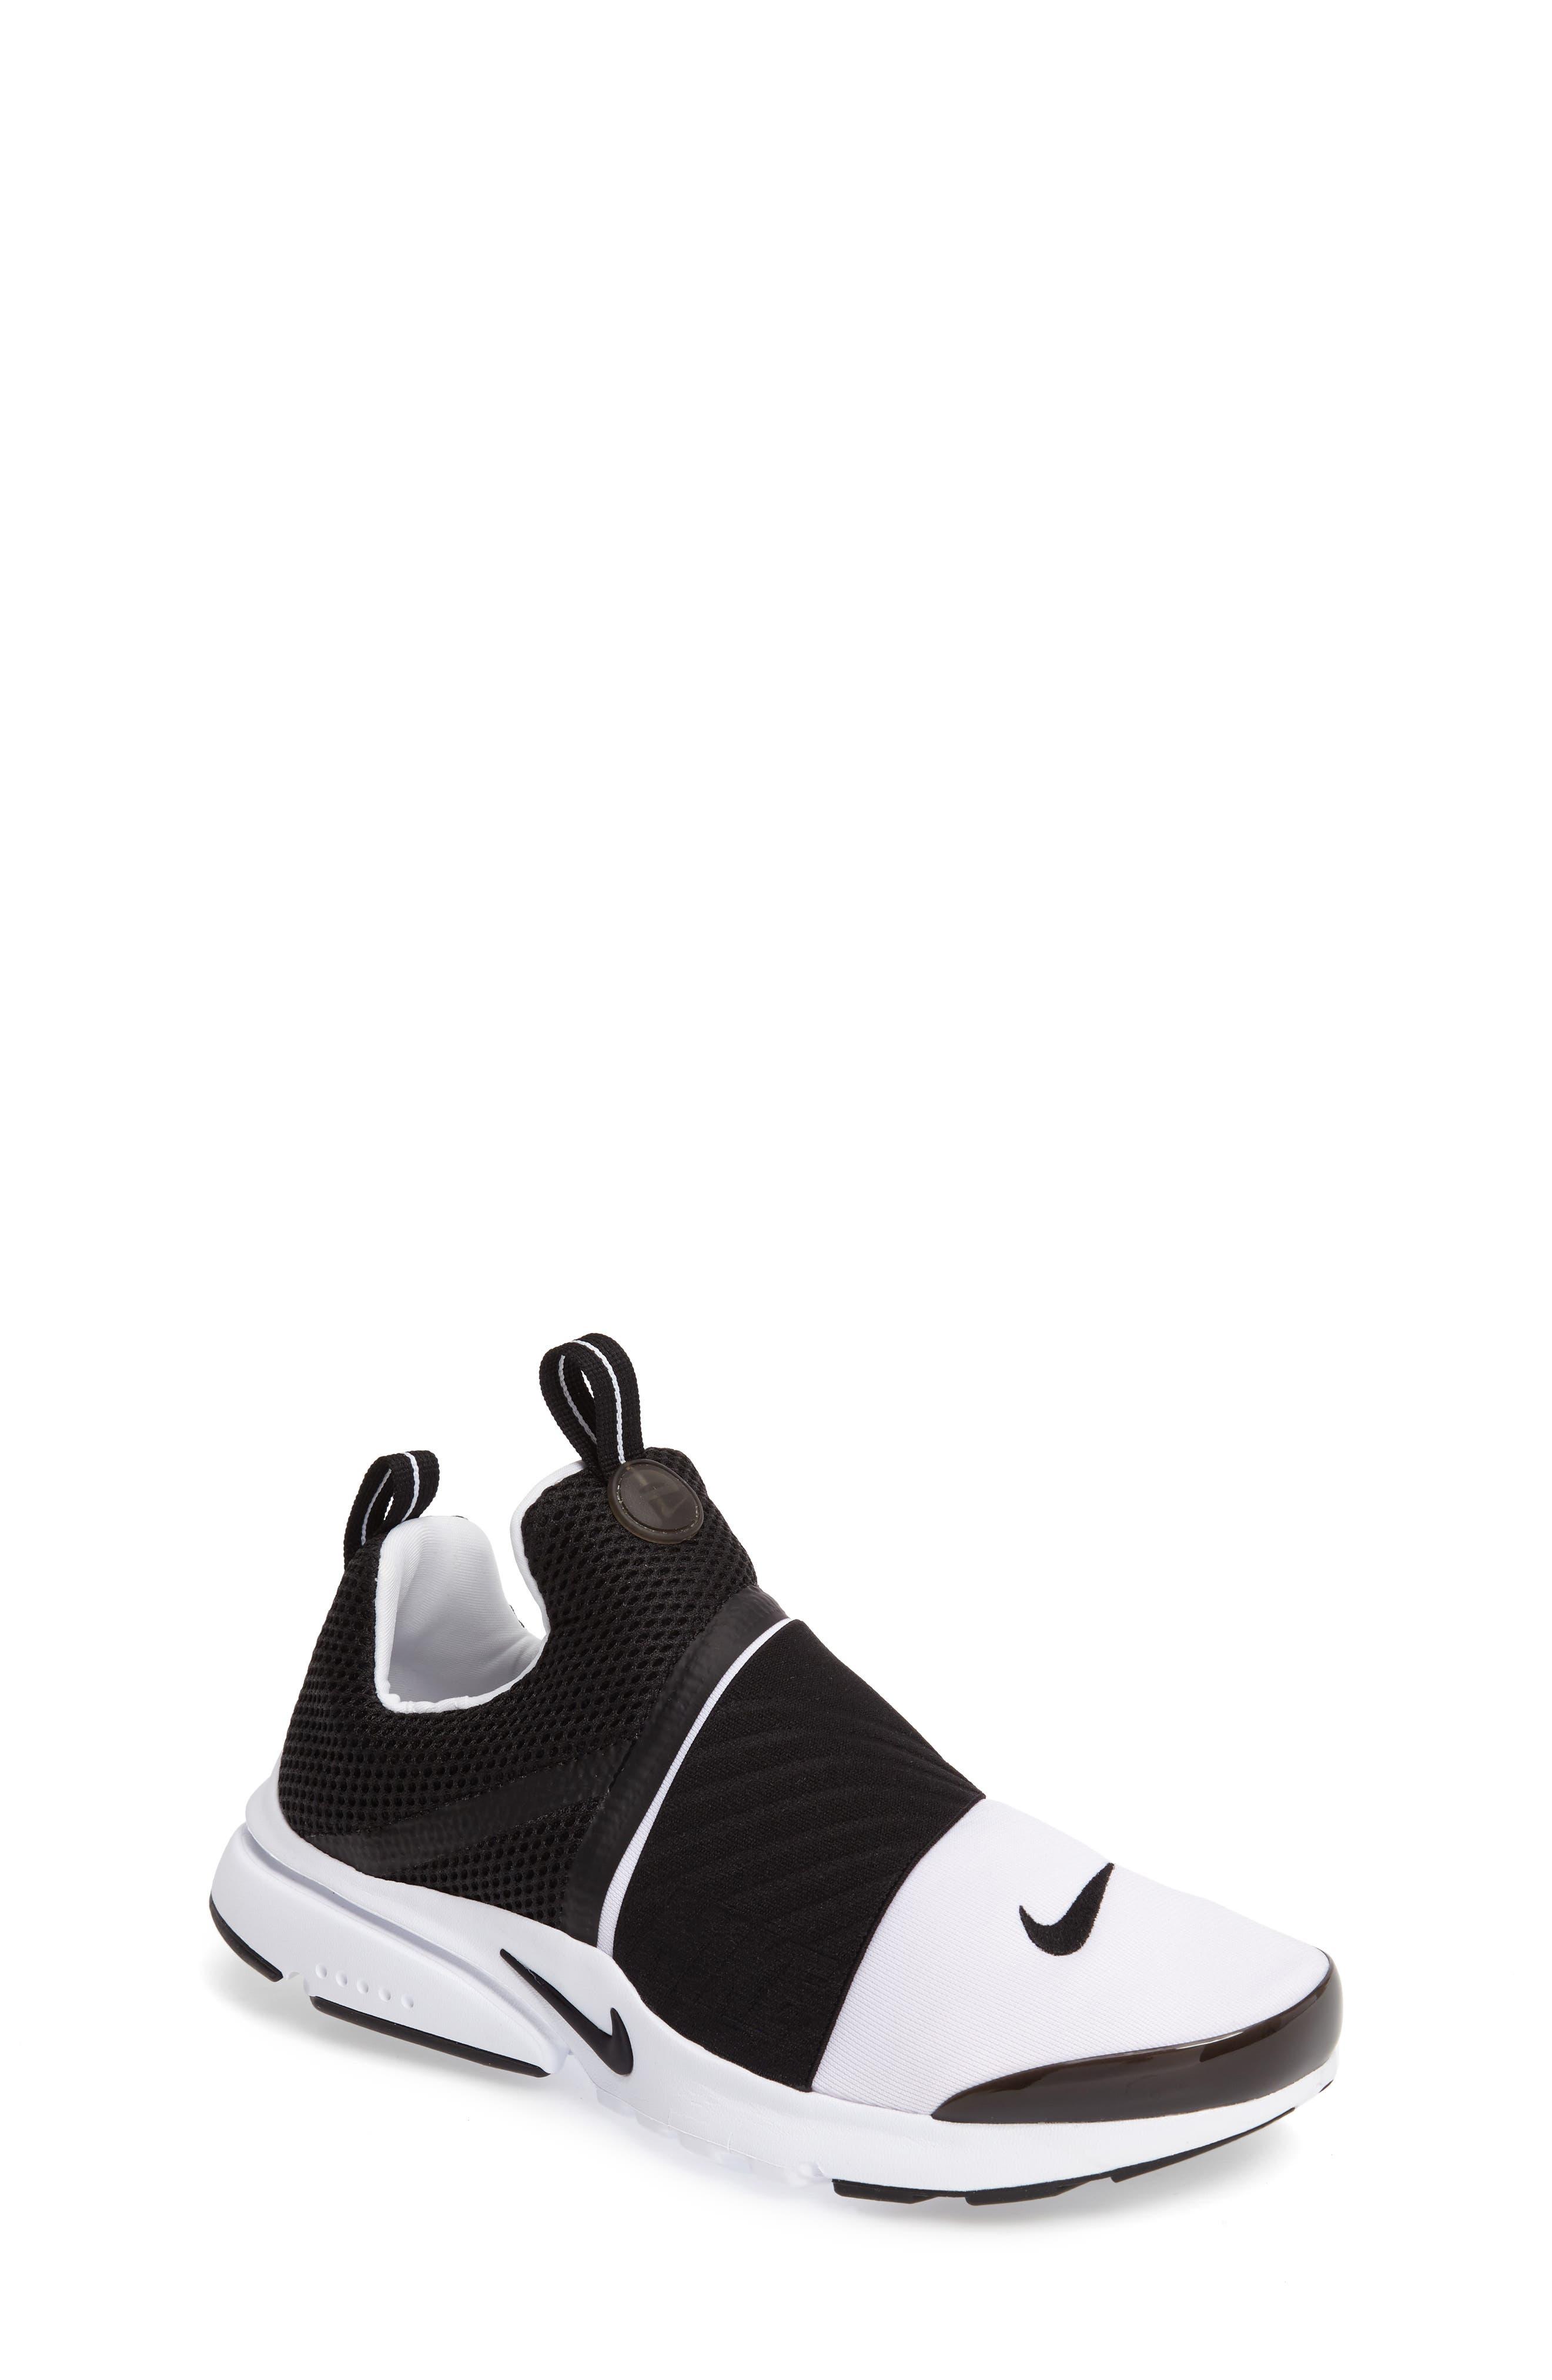 Boys Nike Presto Extreme Sneaker Size 5 M  White